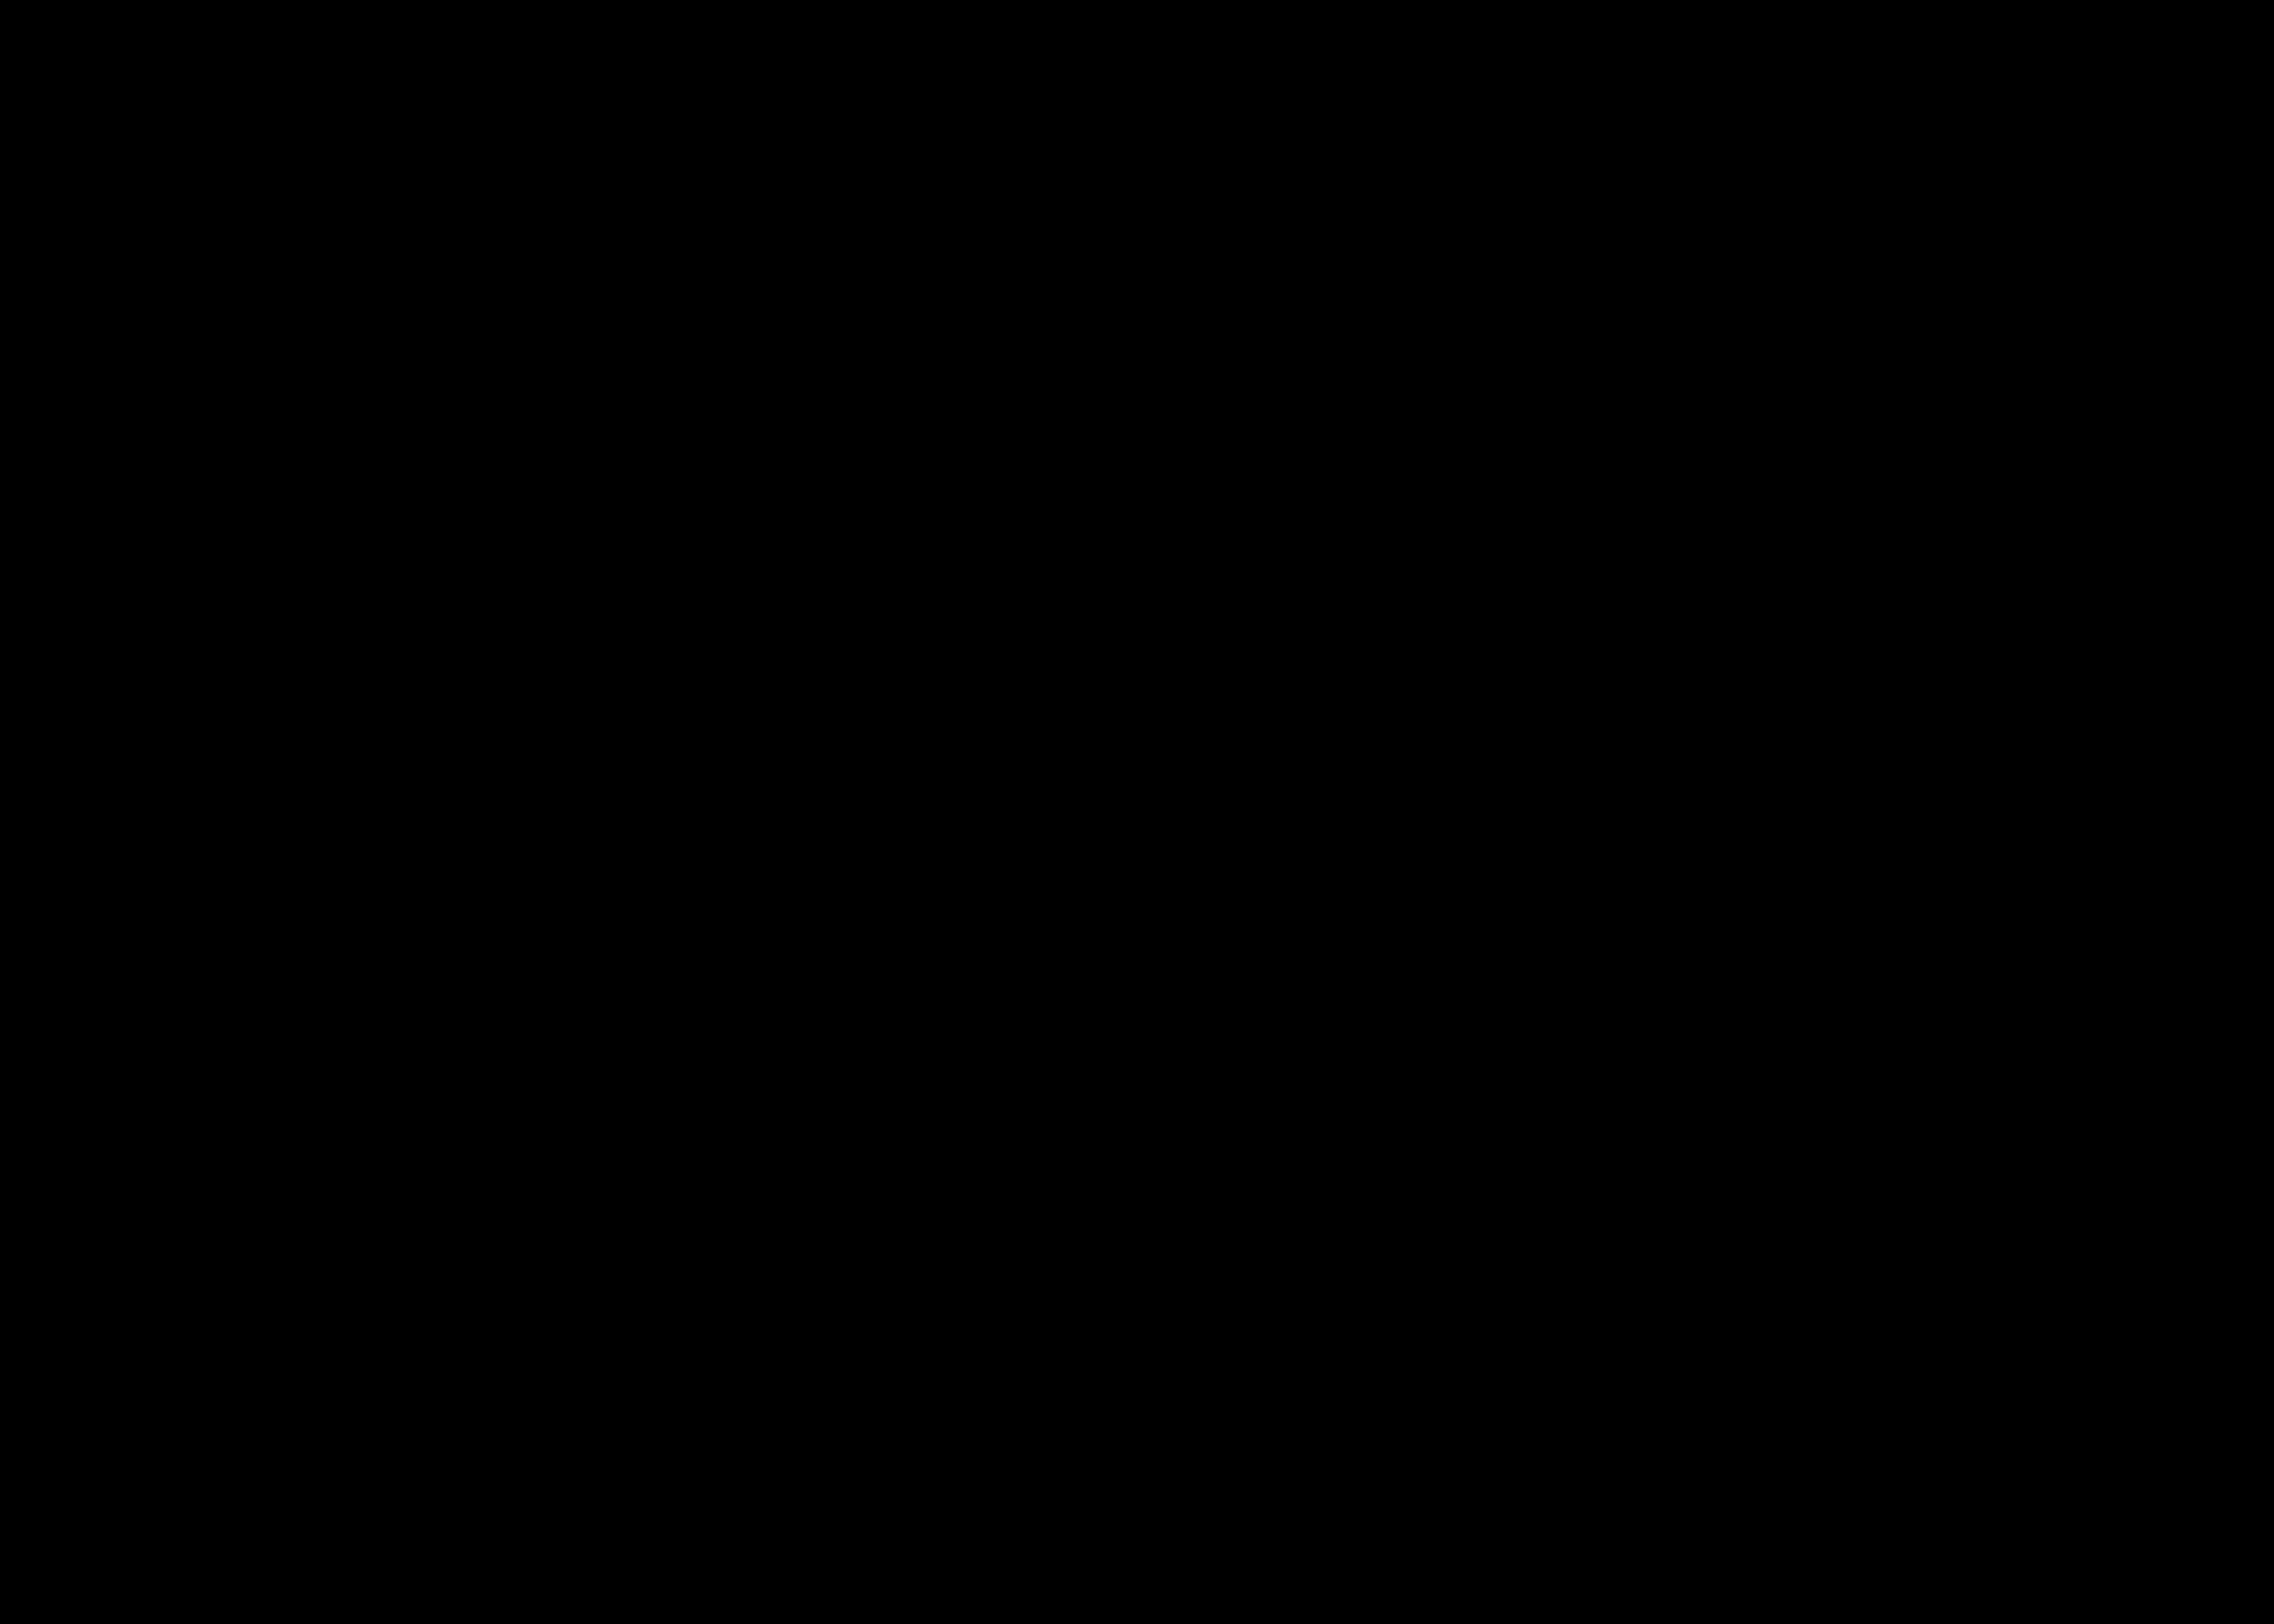 RECONSTRUYENDO: DETERMINACIÓN, ESPERANZA Y VISIÓN RENOVADA (1995-PRESENTE)